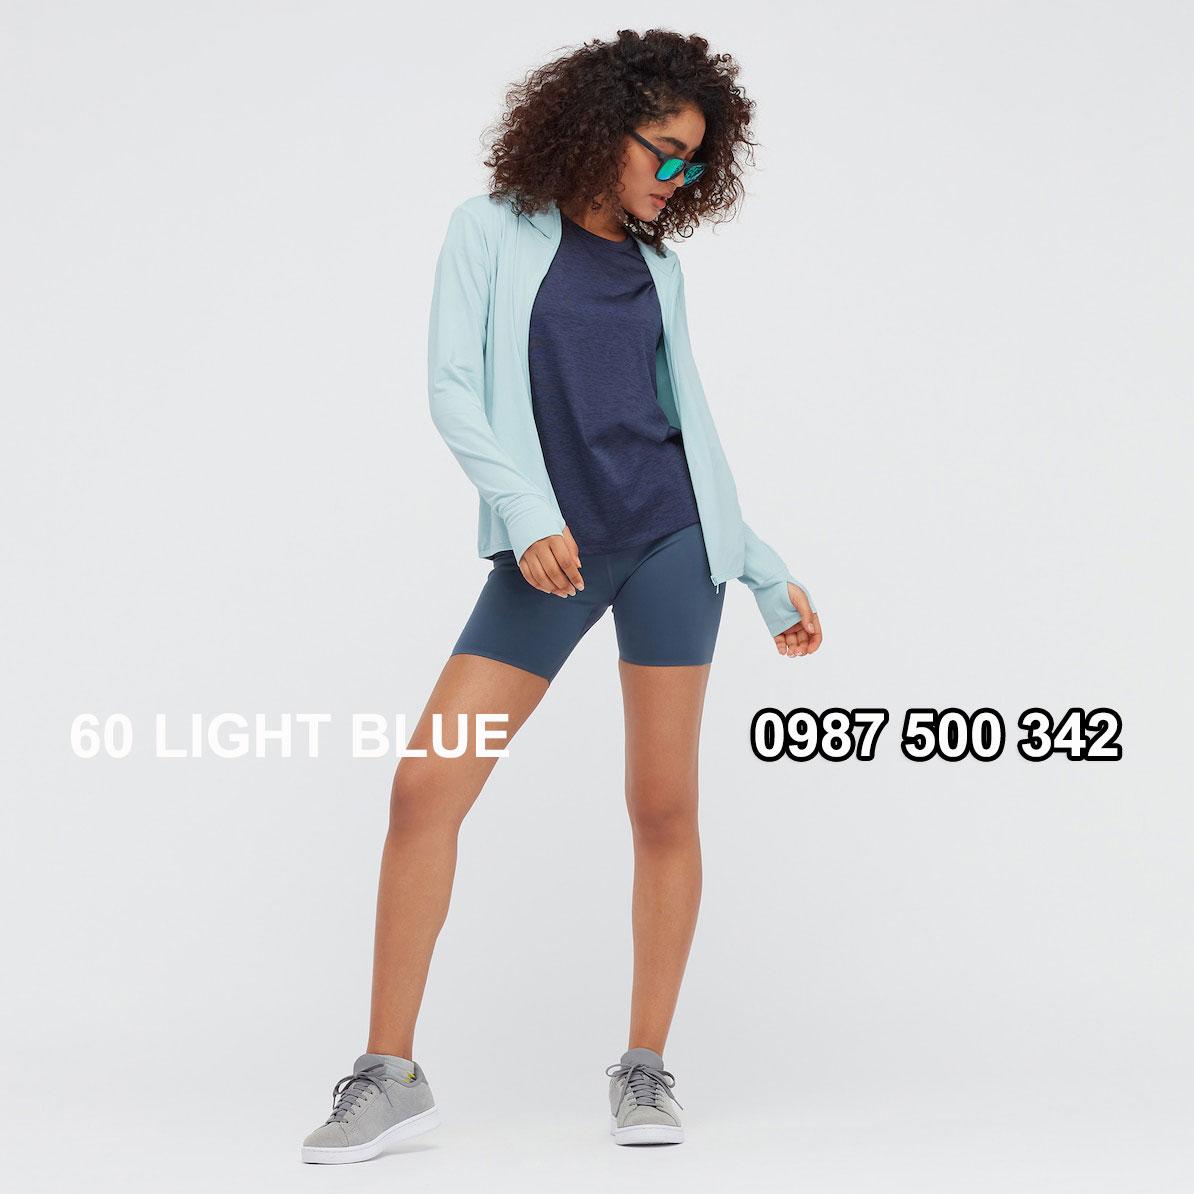 Áo chống nắng nữ AIRism hoodie chống UV vải mắt lưới mẫu mới 2021 mã 433703 màu xanh da trời 60 LIGHT BLUE